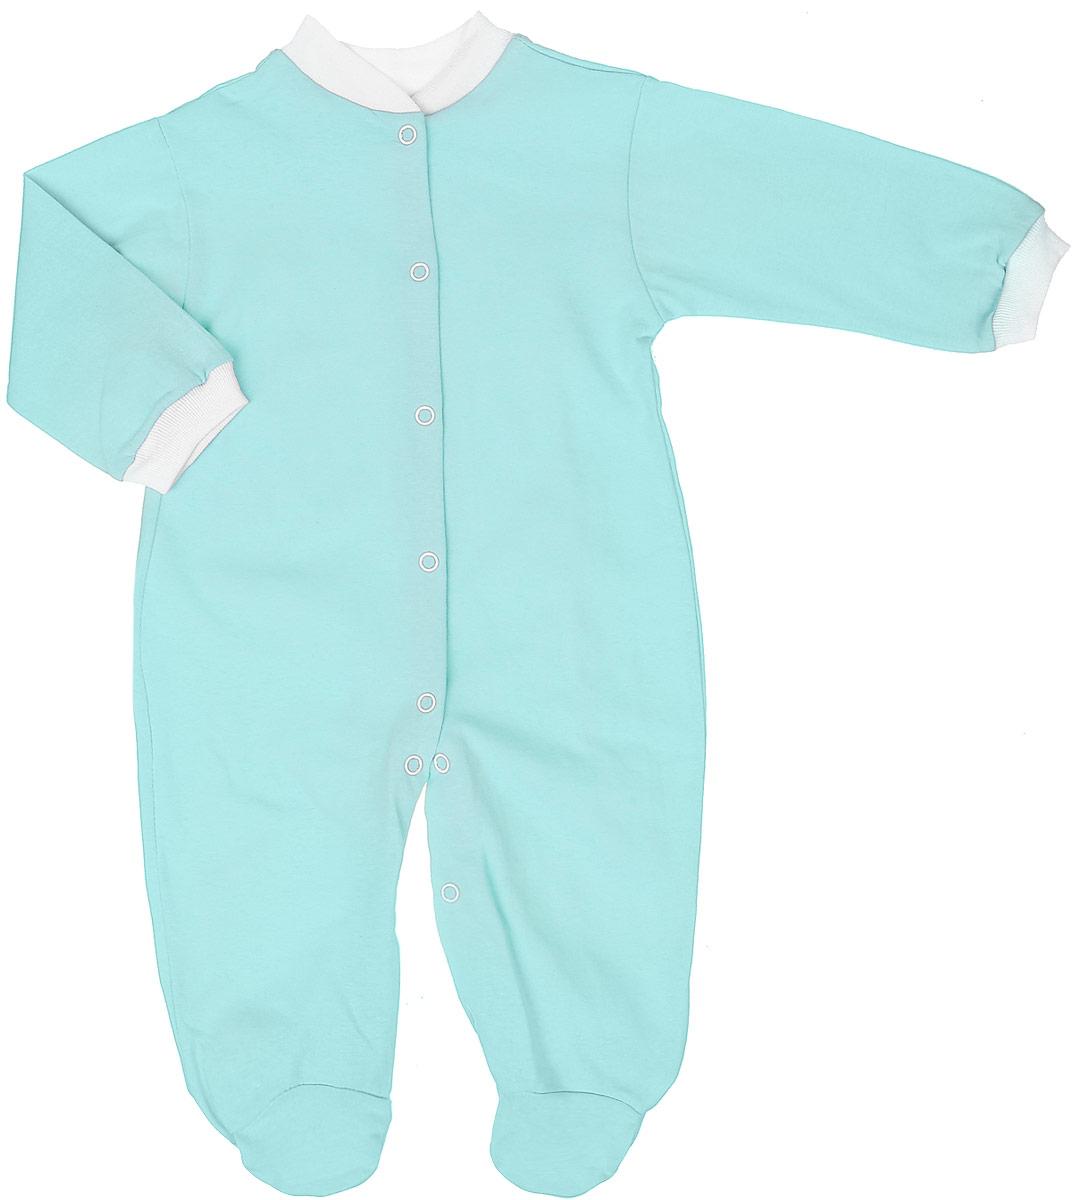 Комбинезон детский Чудесные одежки, цвет: мятный. 5801. Размер 865801Удобный детский комбинезон Чудесные одежки выполнен из натурального хлопка.Комбинезон с небольшим воротничком-стойкой, длинными рукавами и закрытыми ножками имеет застежки-кнопки спереди и на ластовице, которые помогают легко переодеть младенца или сменить подгузник. Воротничок и манжеты на рукавах выполнены из трикотажной эластичной резинки. Изделие оформлено в лаконичном дизайне.